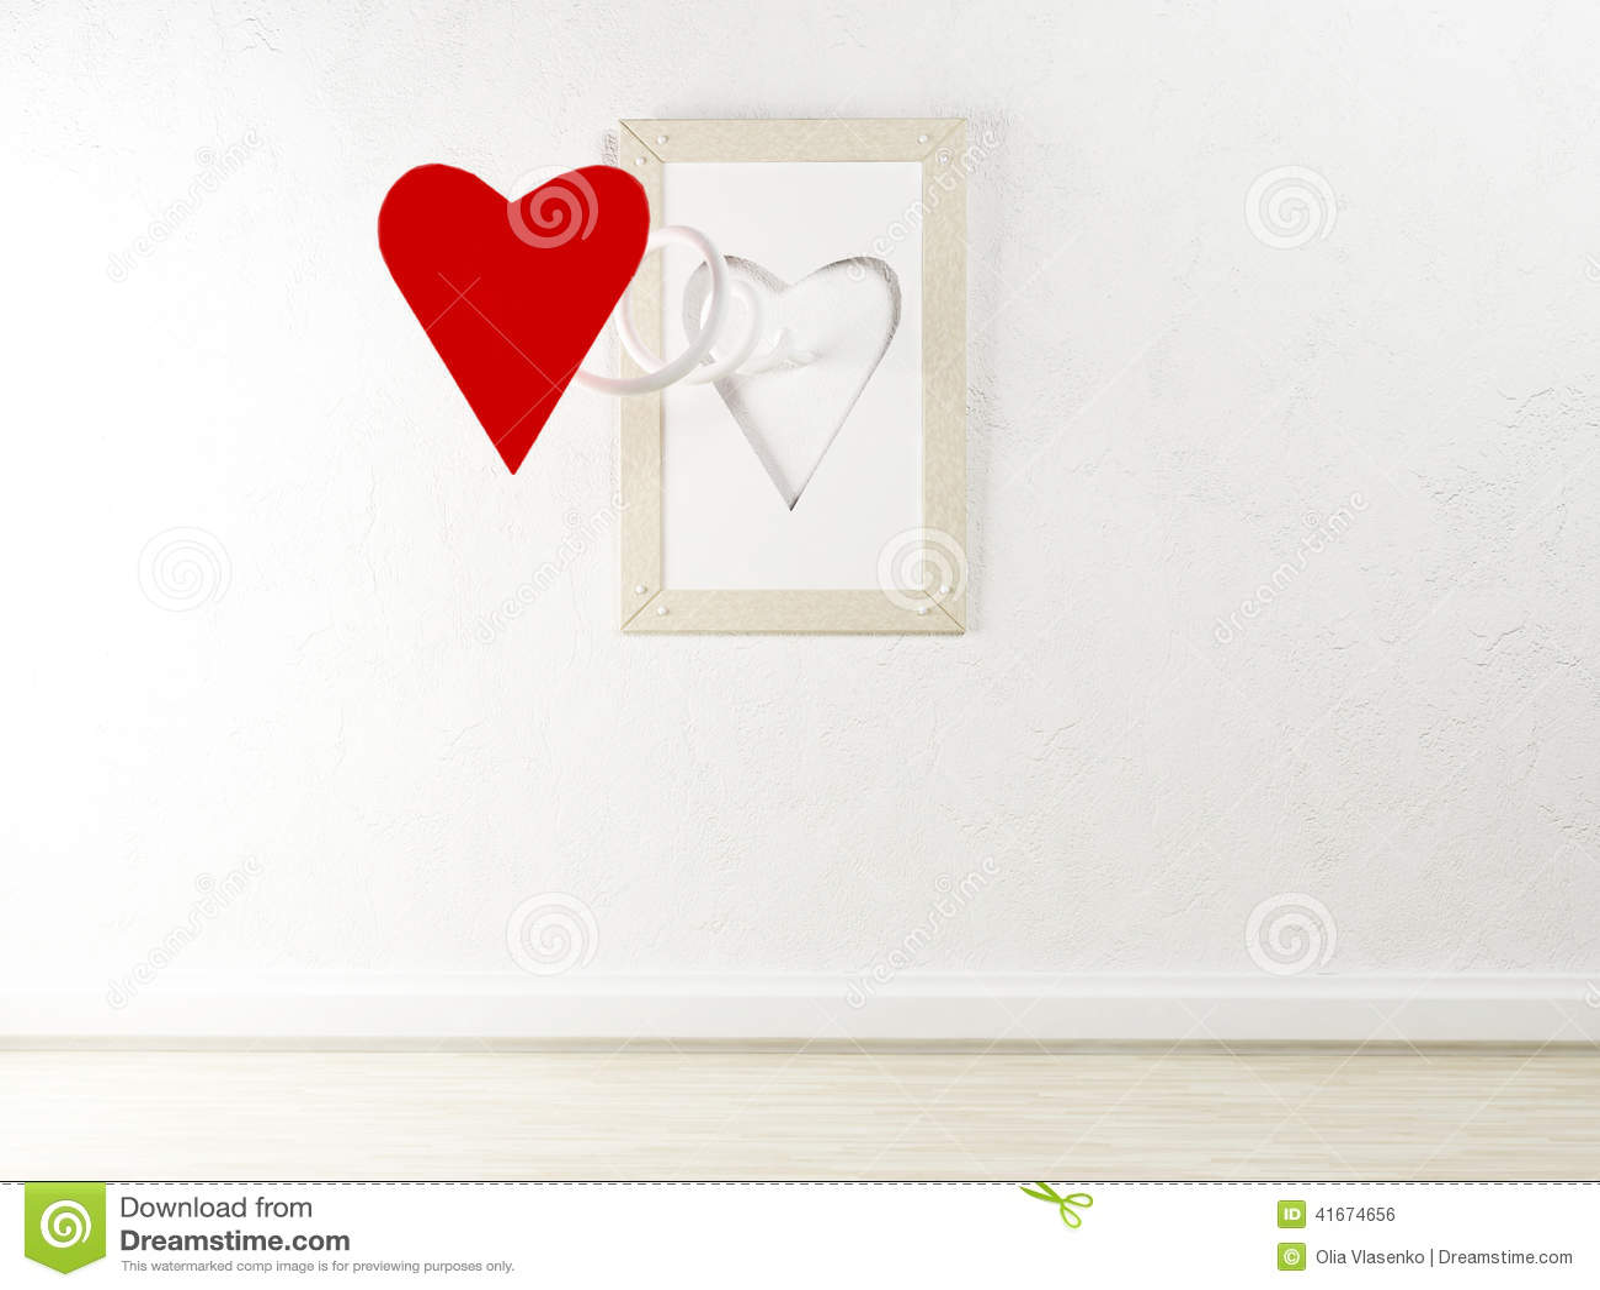 Ciekawy obrazek na ścianie